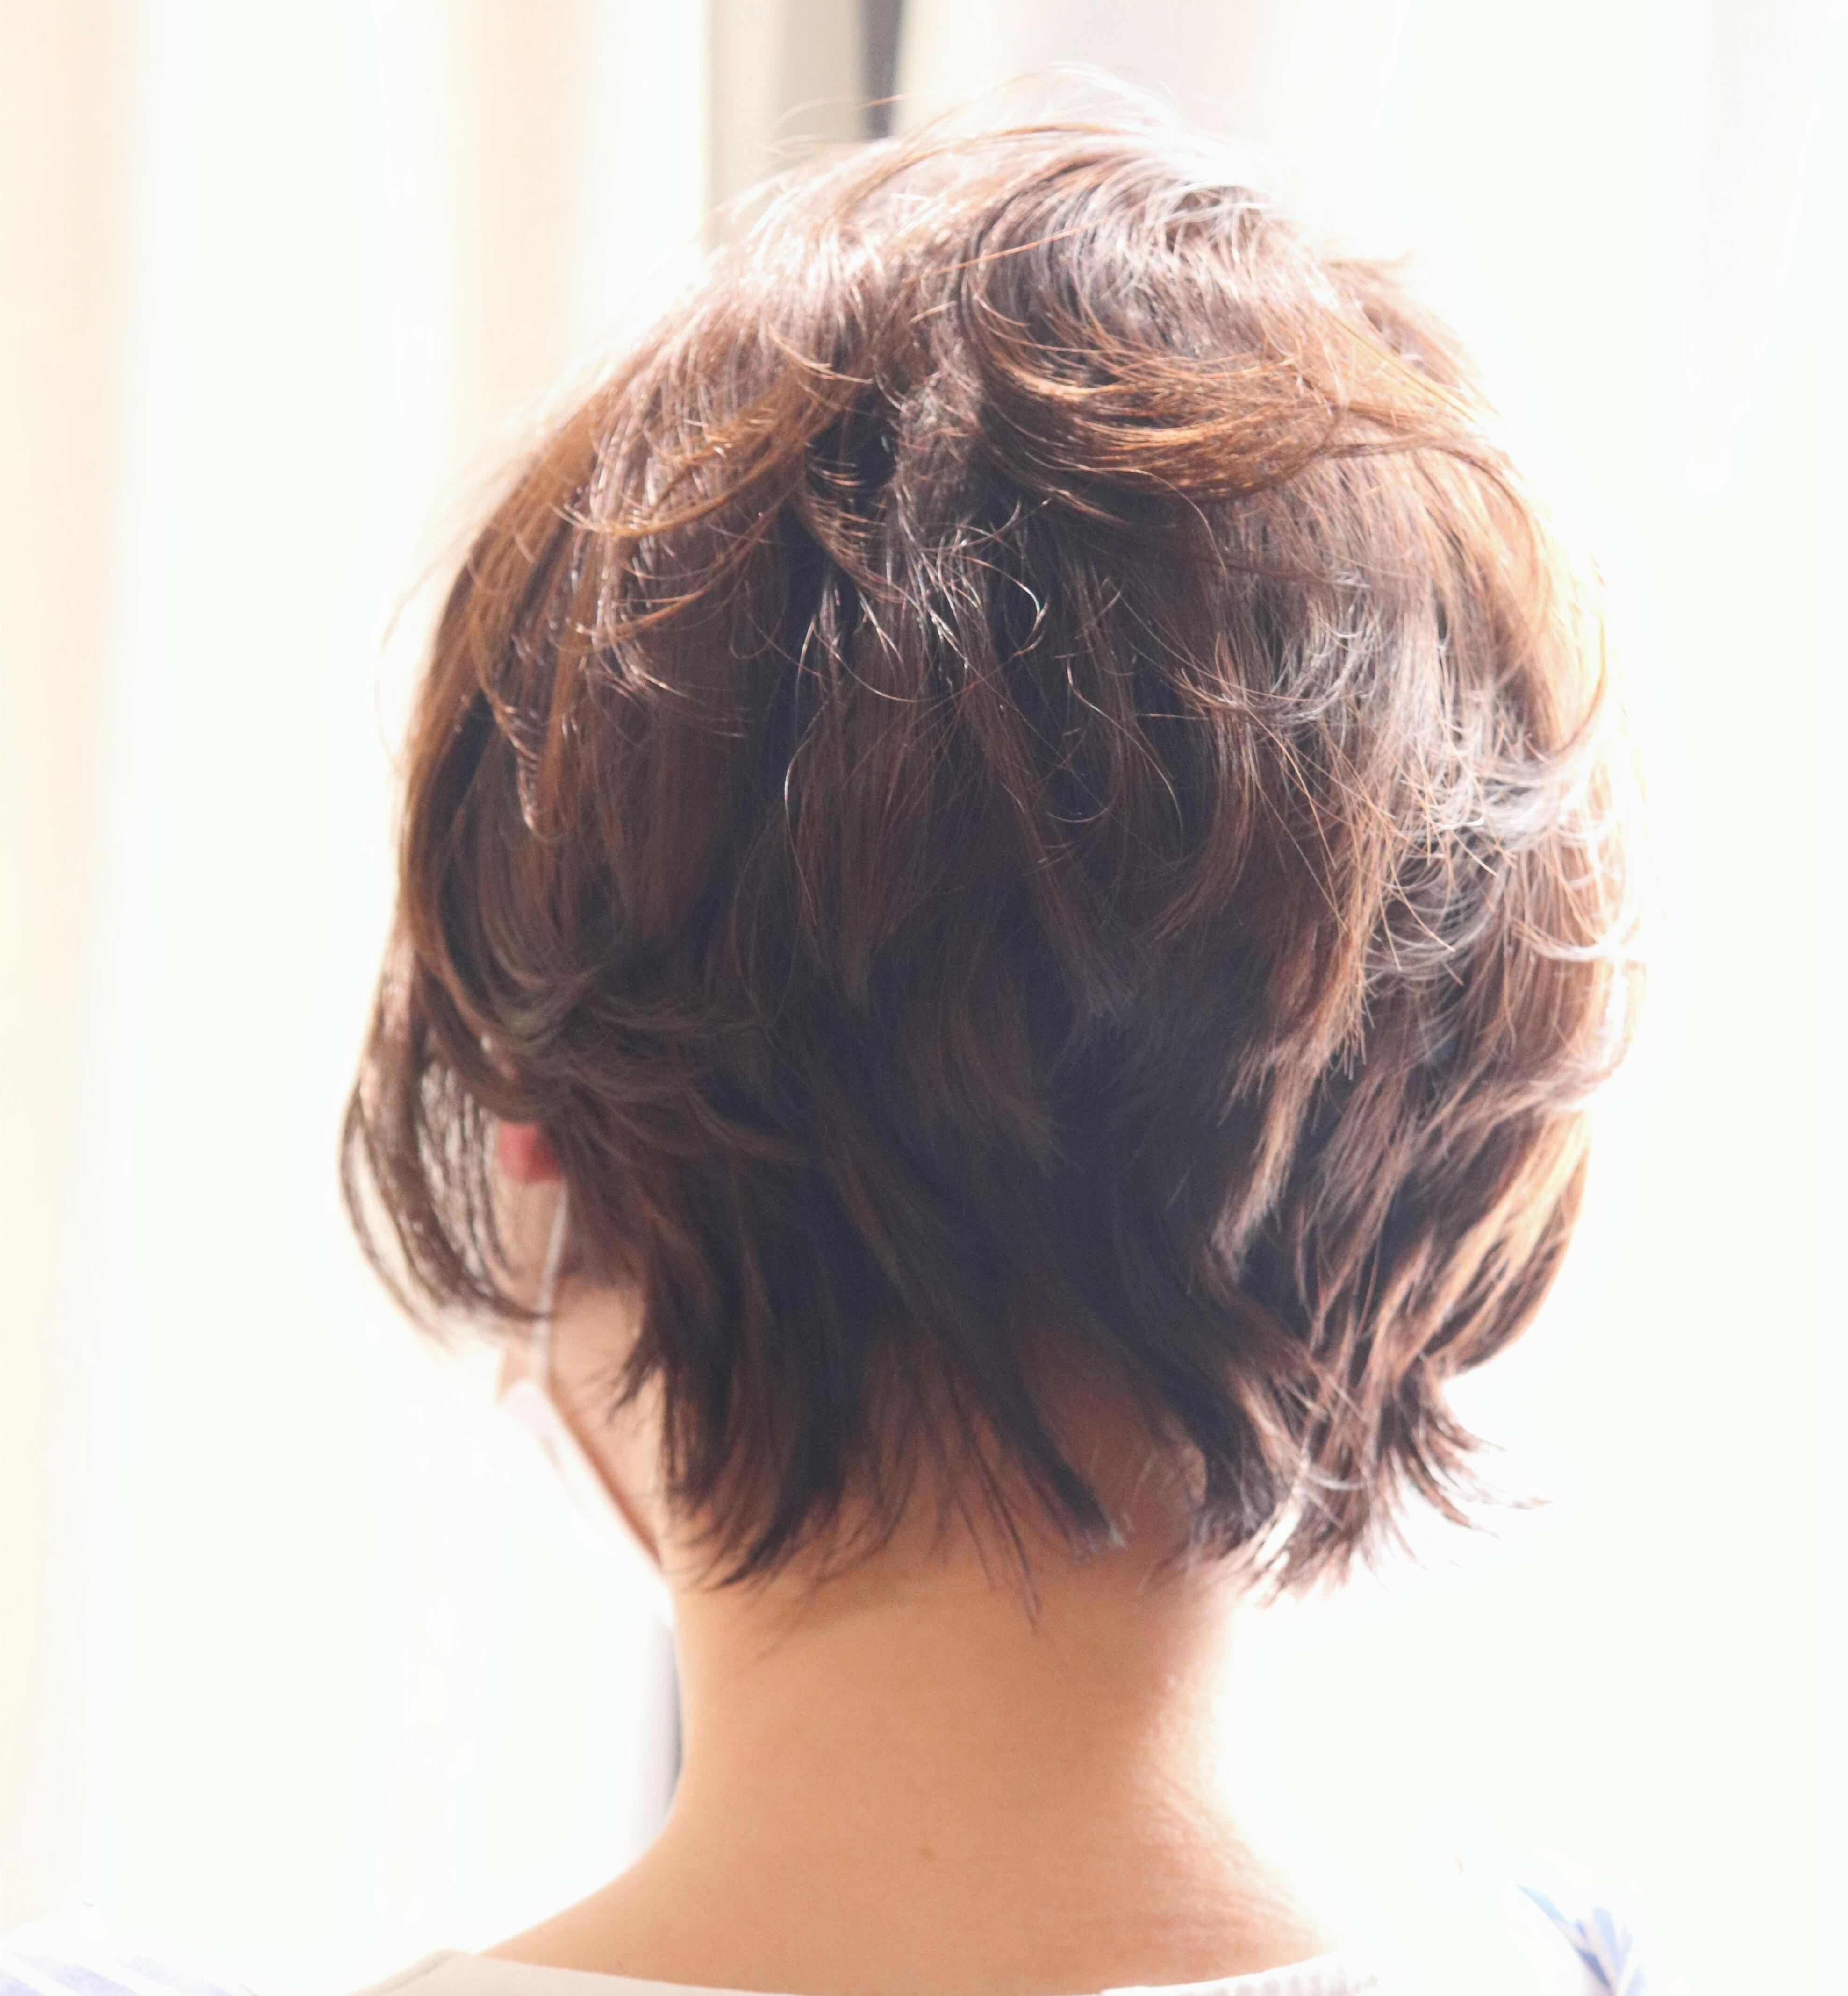 動きのあるヘアが人気。動きを出しながらトレンドを取り入れる。